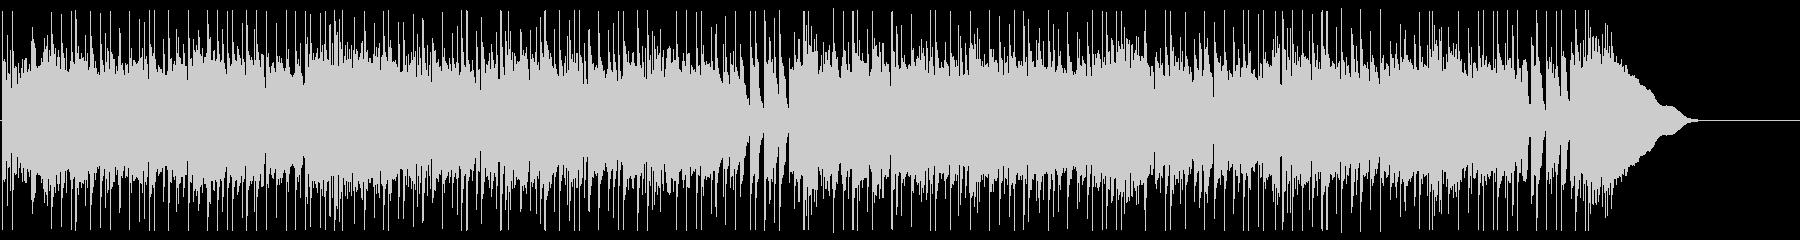 ドラムとベースのみ・ロック系ビートの未再生の波形